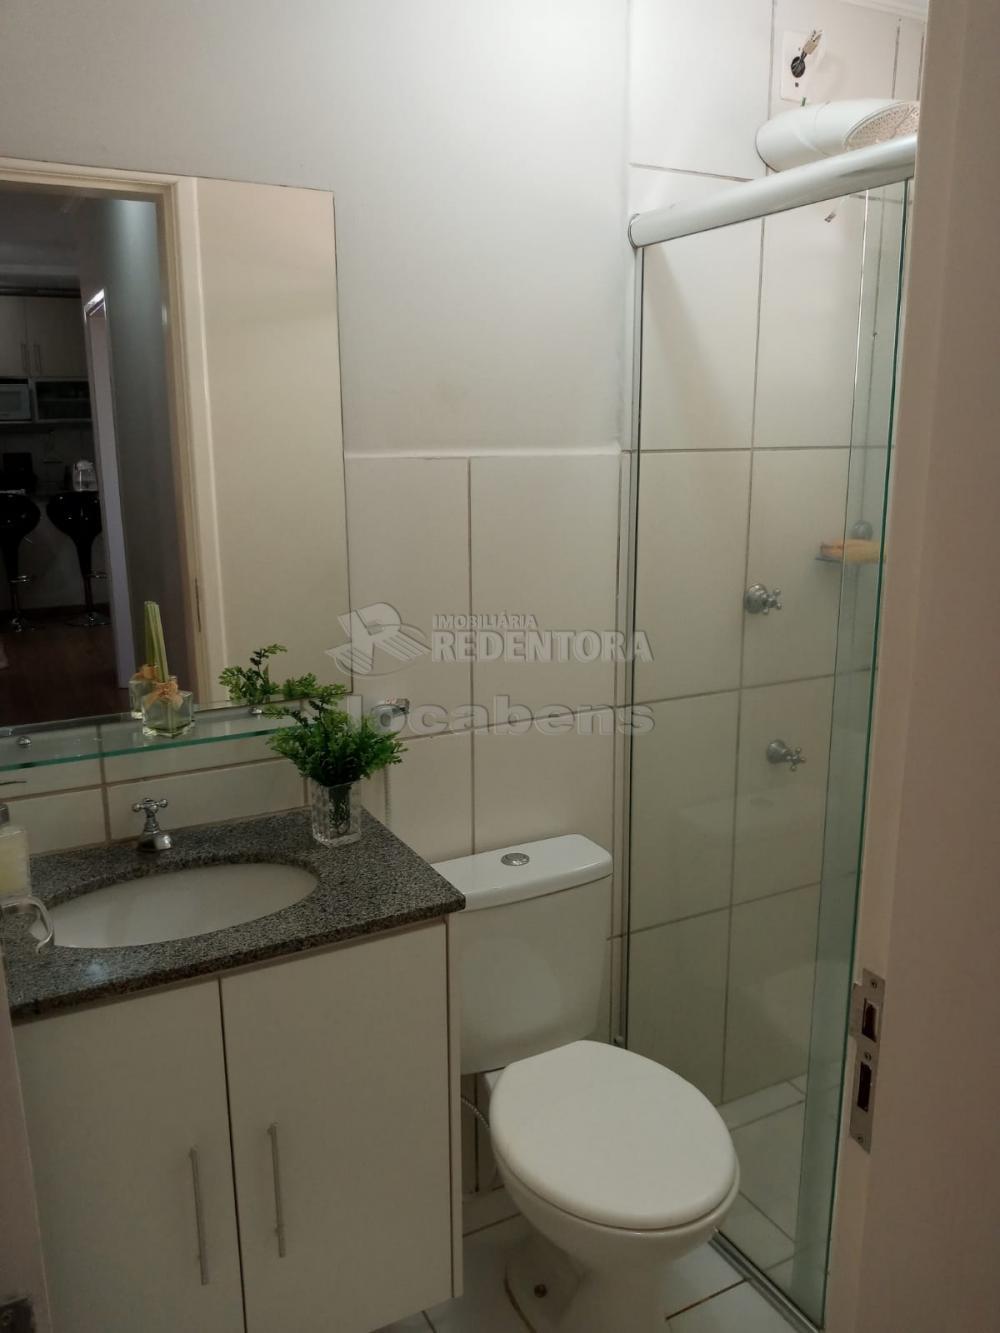 Comprar Apartamento / Padrão em São José do Rio Preto apenas R$ 295.000,00 - Foto 12